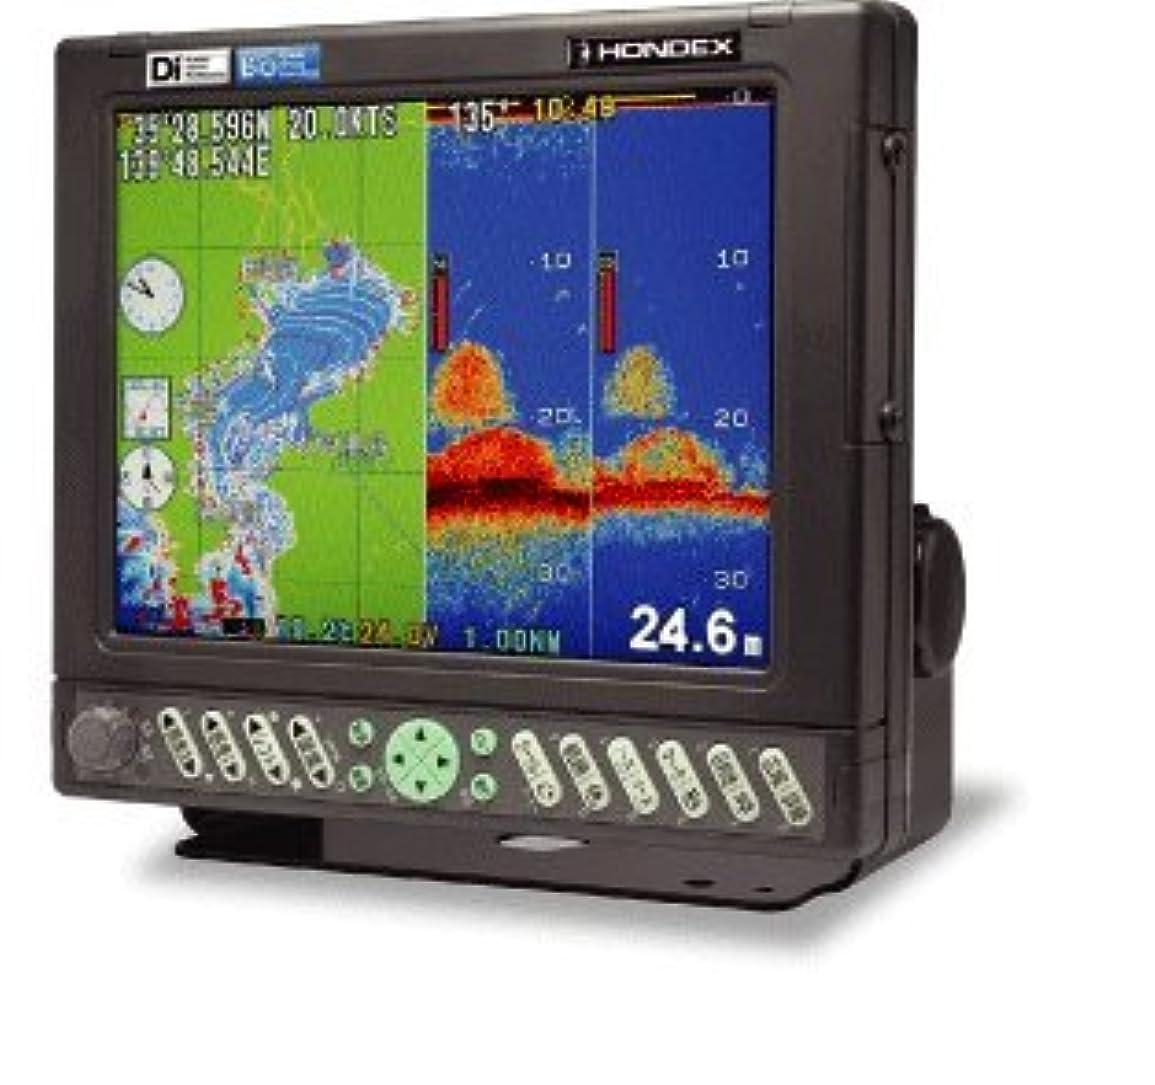 スナックアイロニーグリーンバックHONDEX(ホンデックス) 10.4型カラー液晶プロッターデジタル魚探 HE-7301-Di-Bo GPS仕様 3kW 28,32/40,36/65,40/75,50,50/55,85/90,200kHz,28/55/100kHz